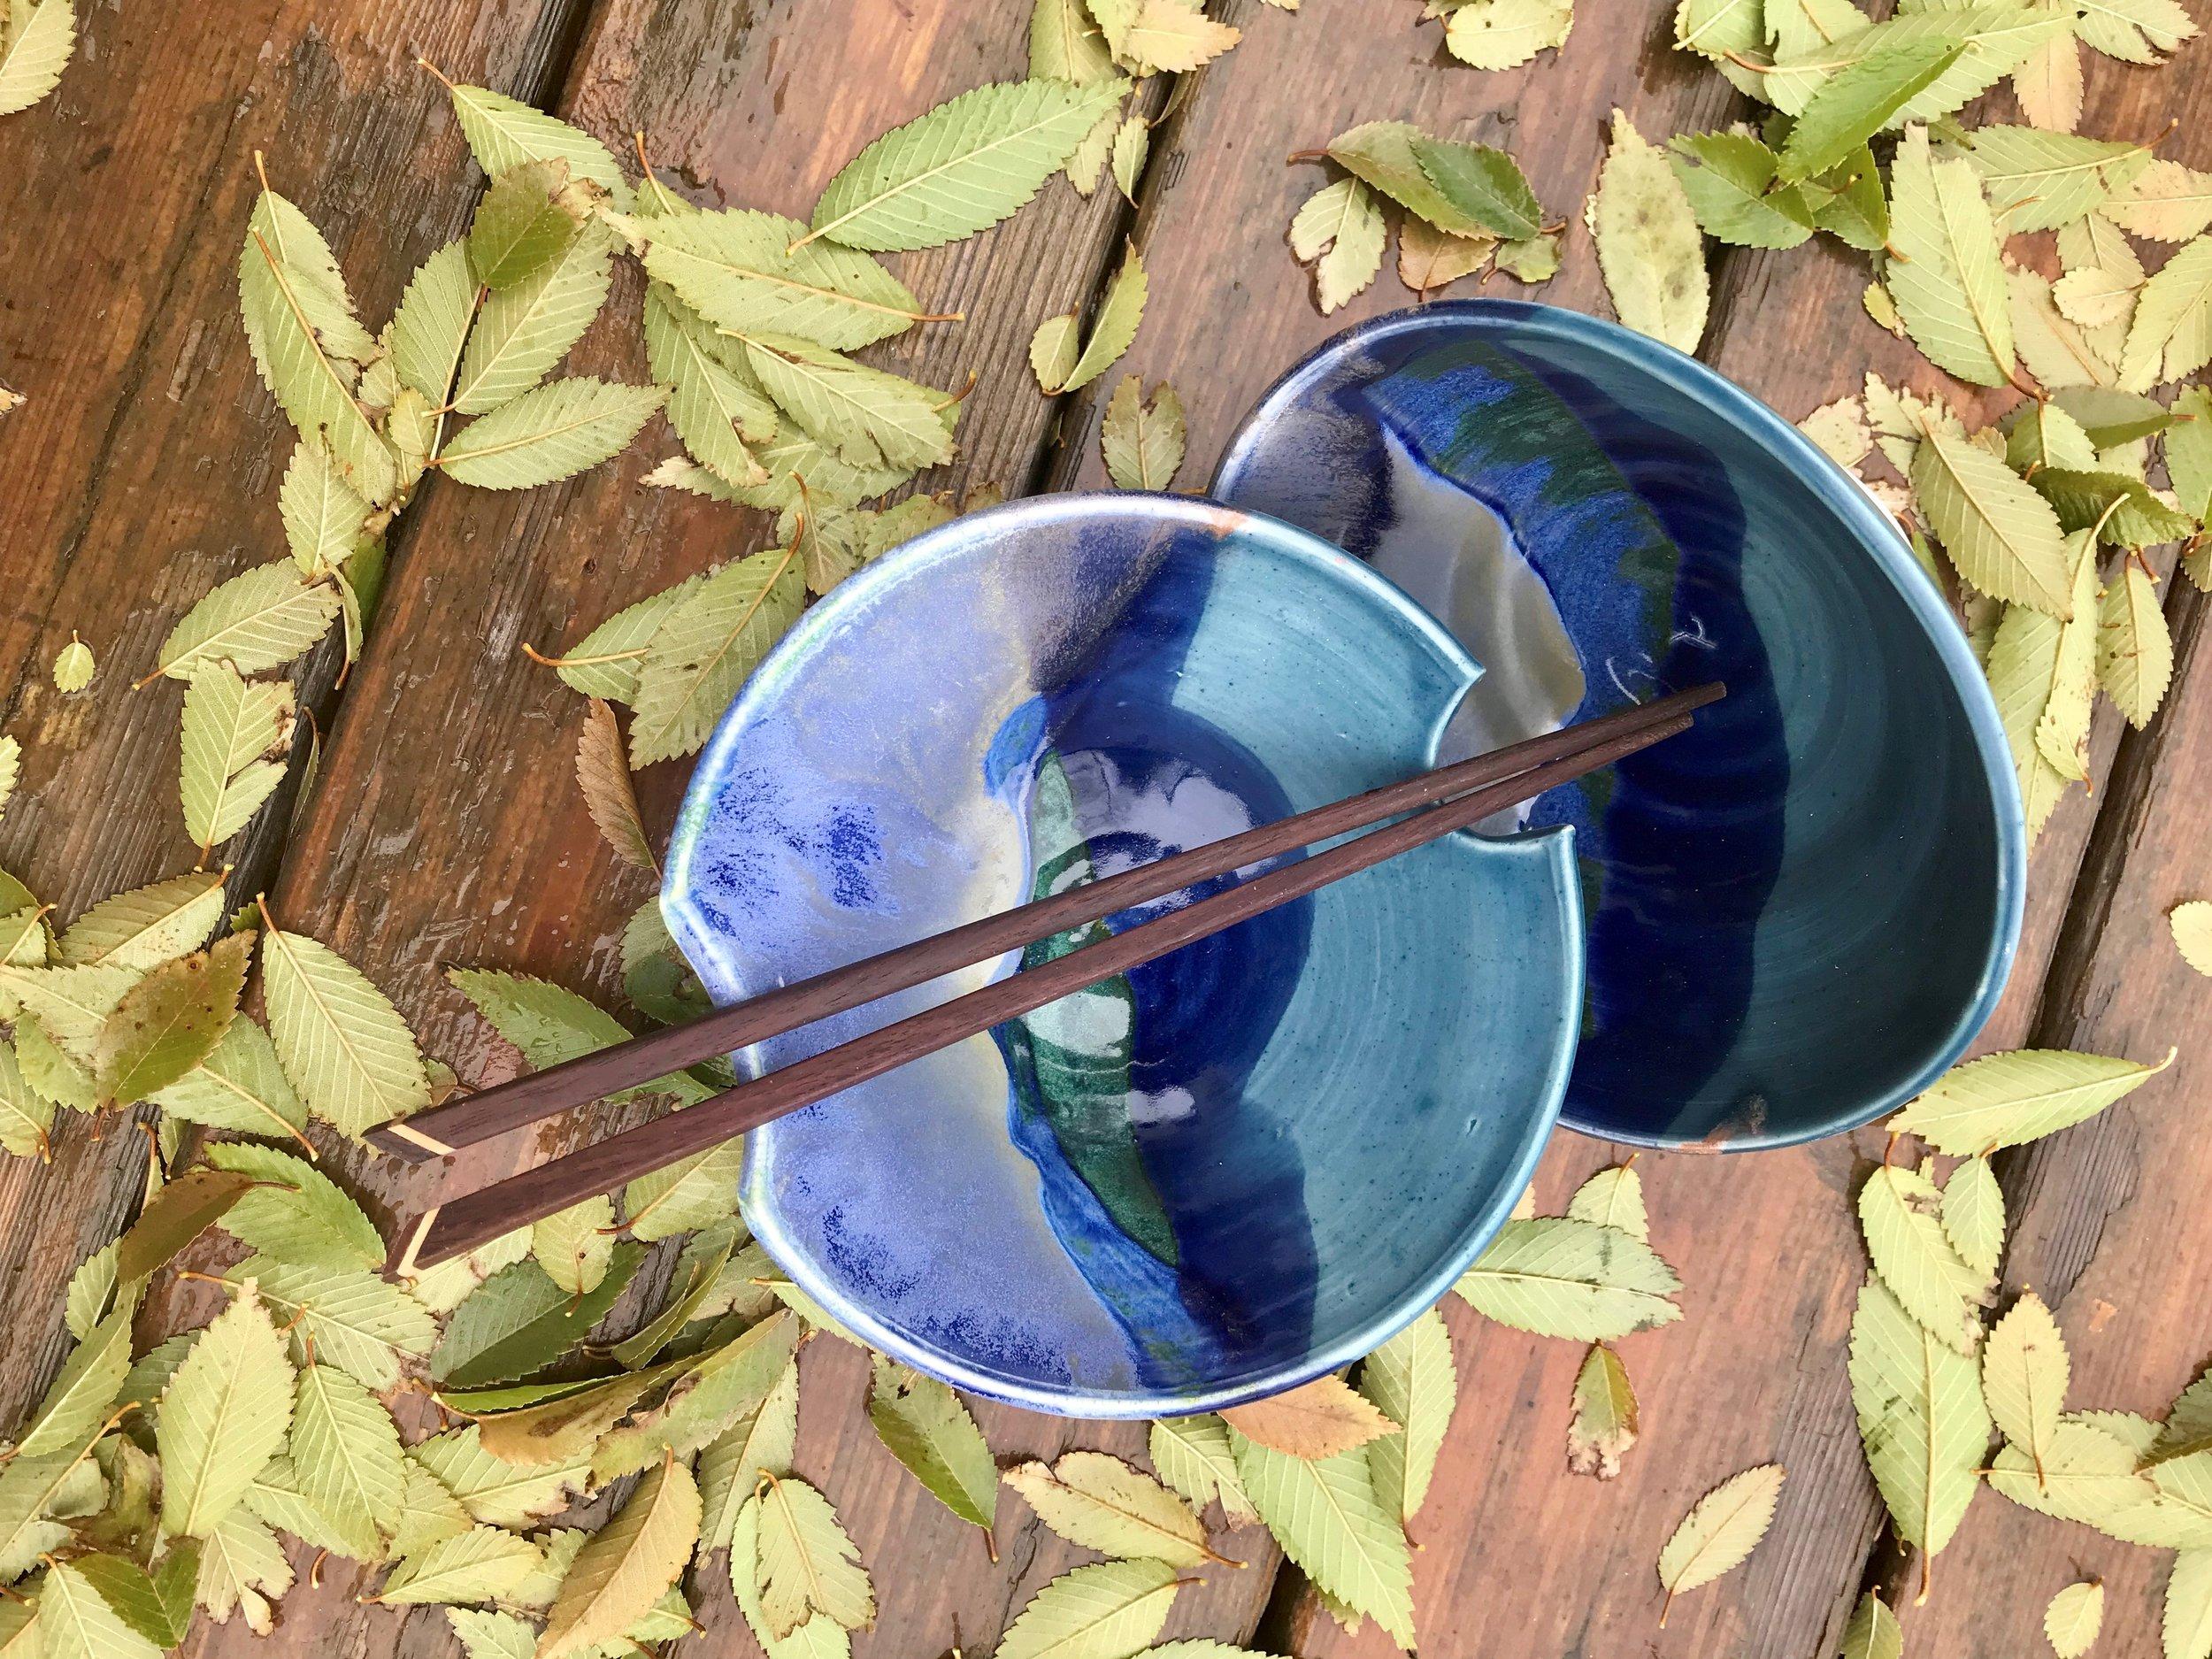 Glazed Over Pottery